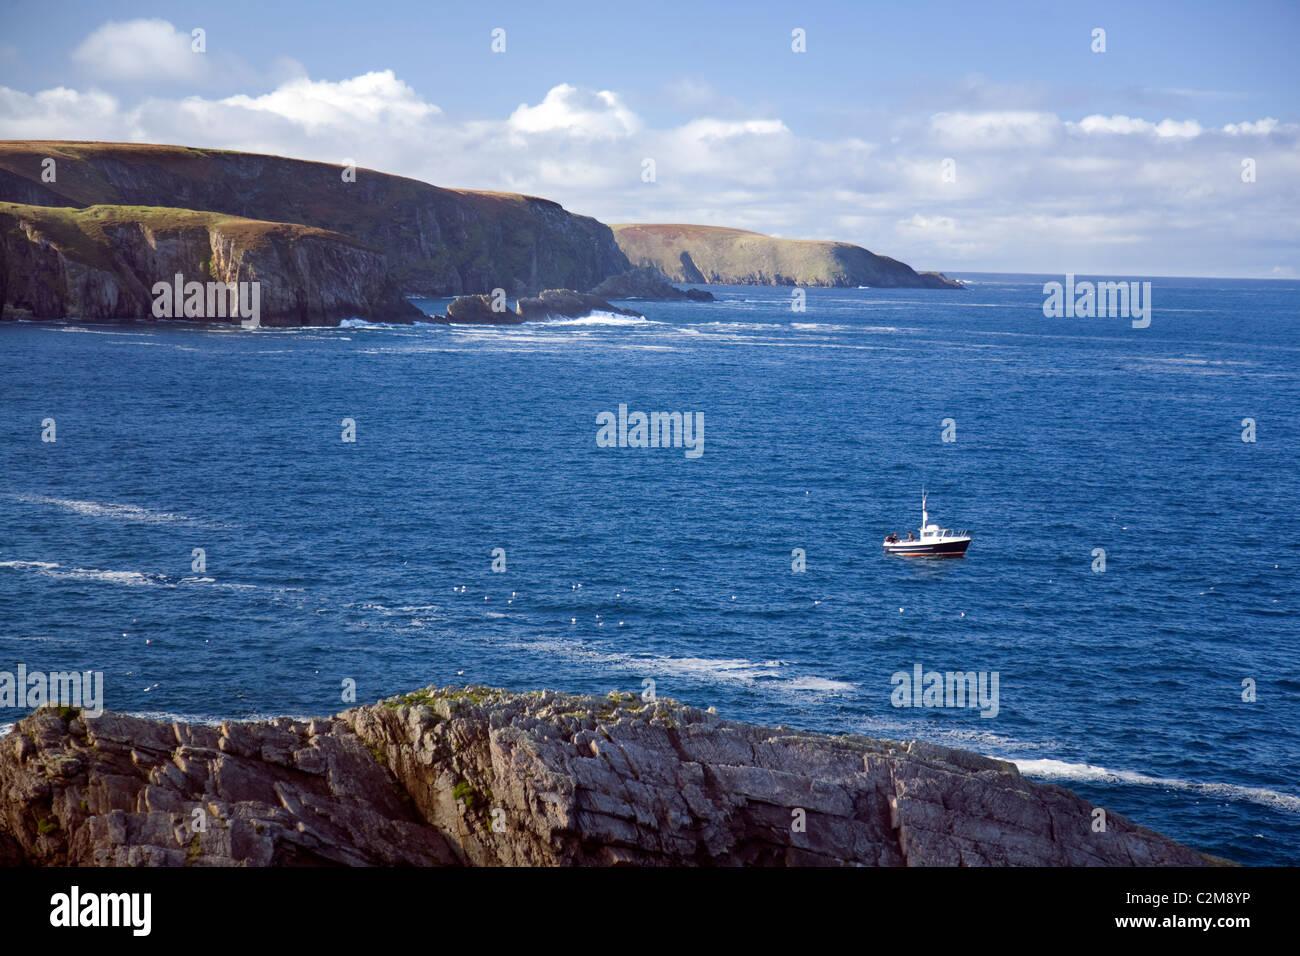 La pesca con lenza in mare barca vicino Erris Head, County Mayo, Irlanda. Immagini Stock